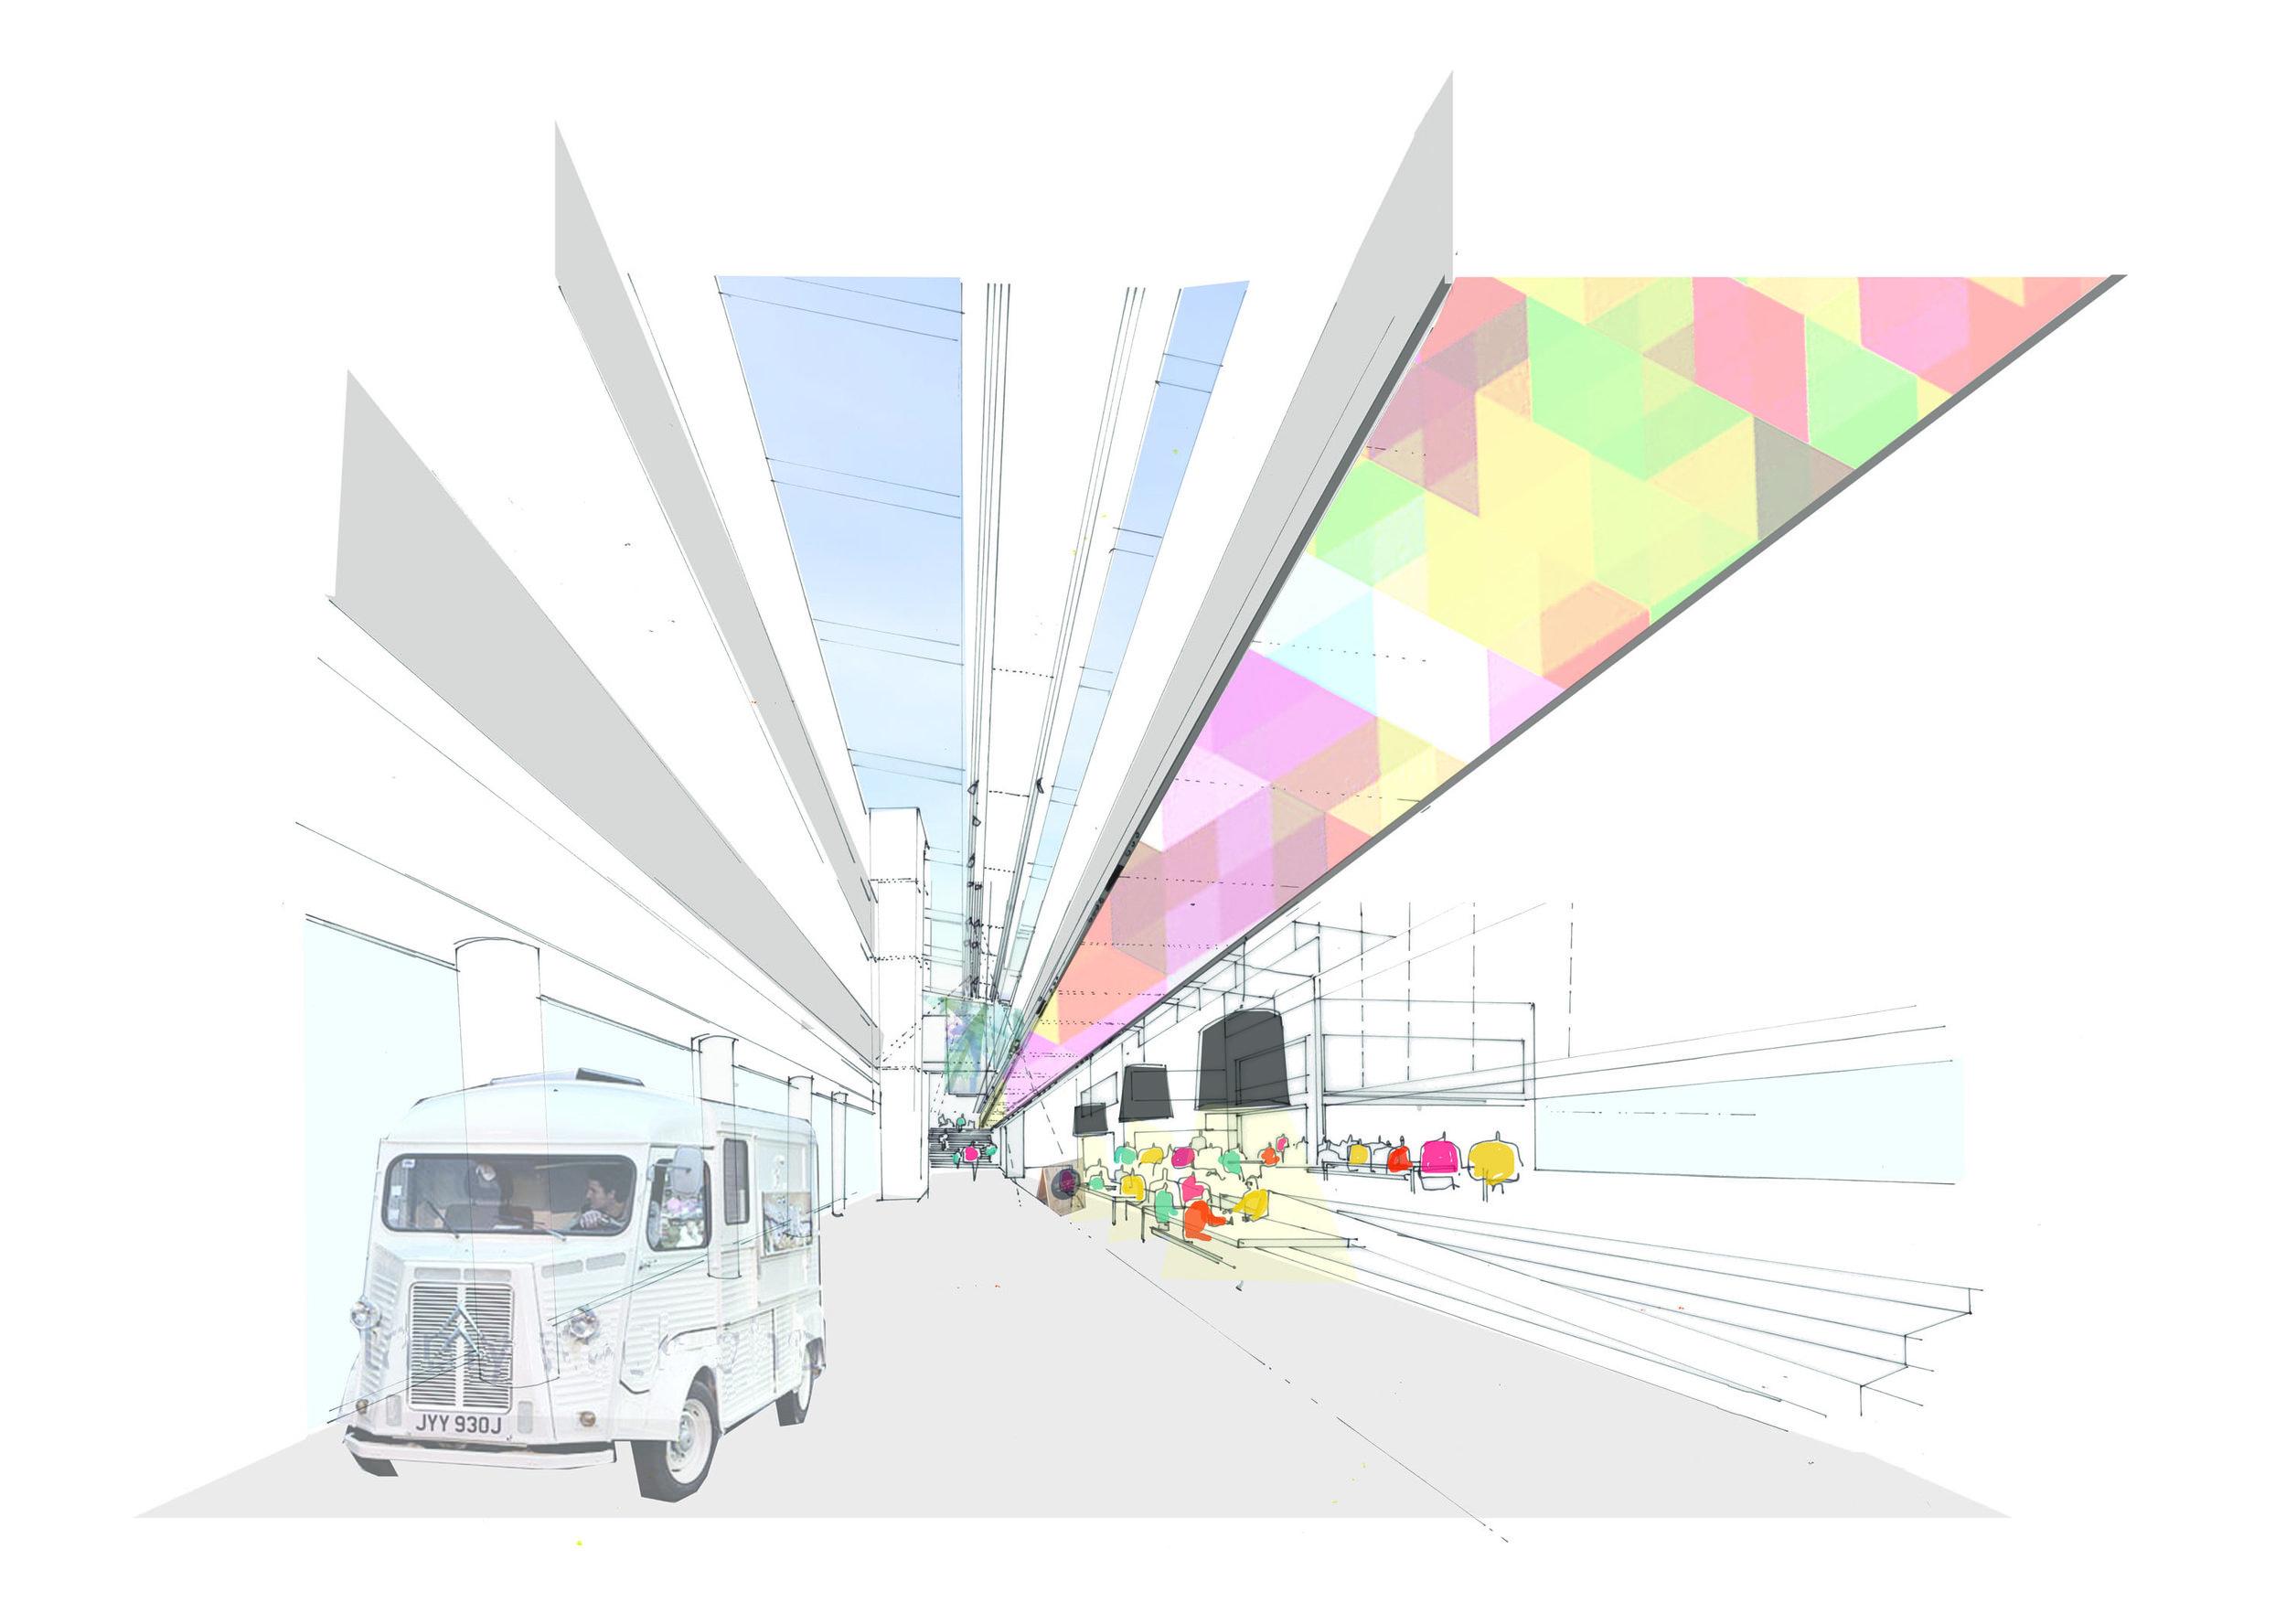 HarrowMasterplan_Perspective.jpg